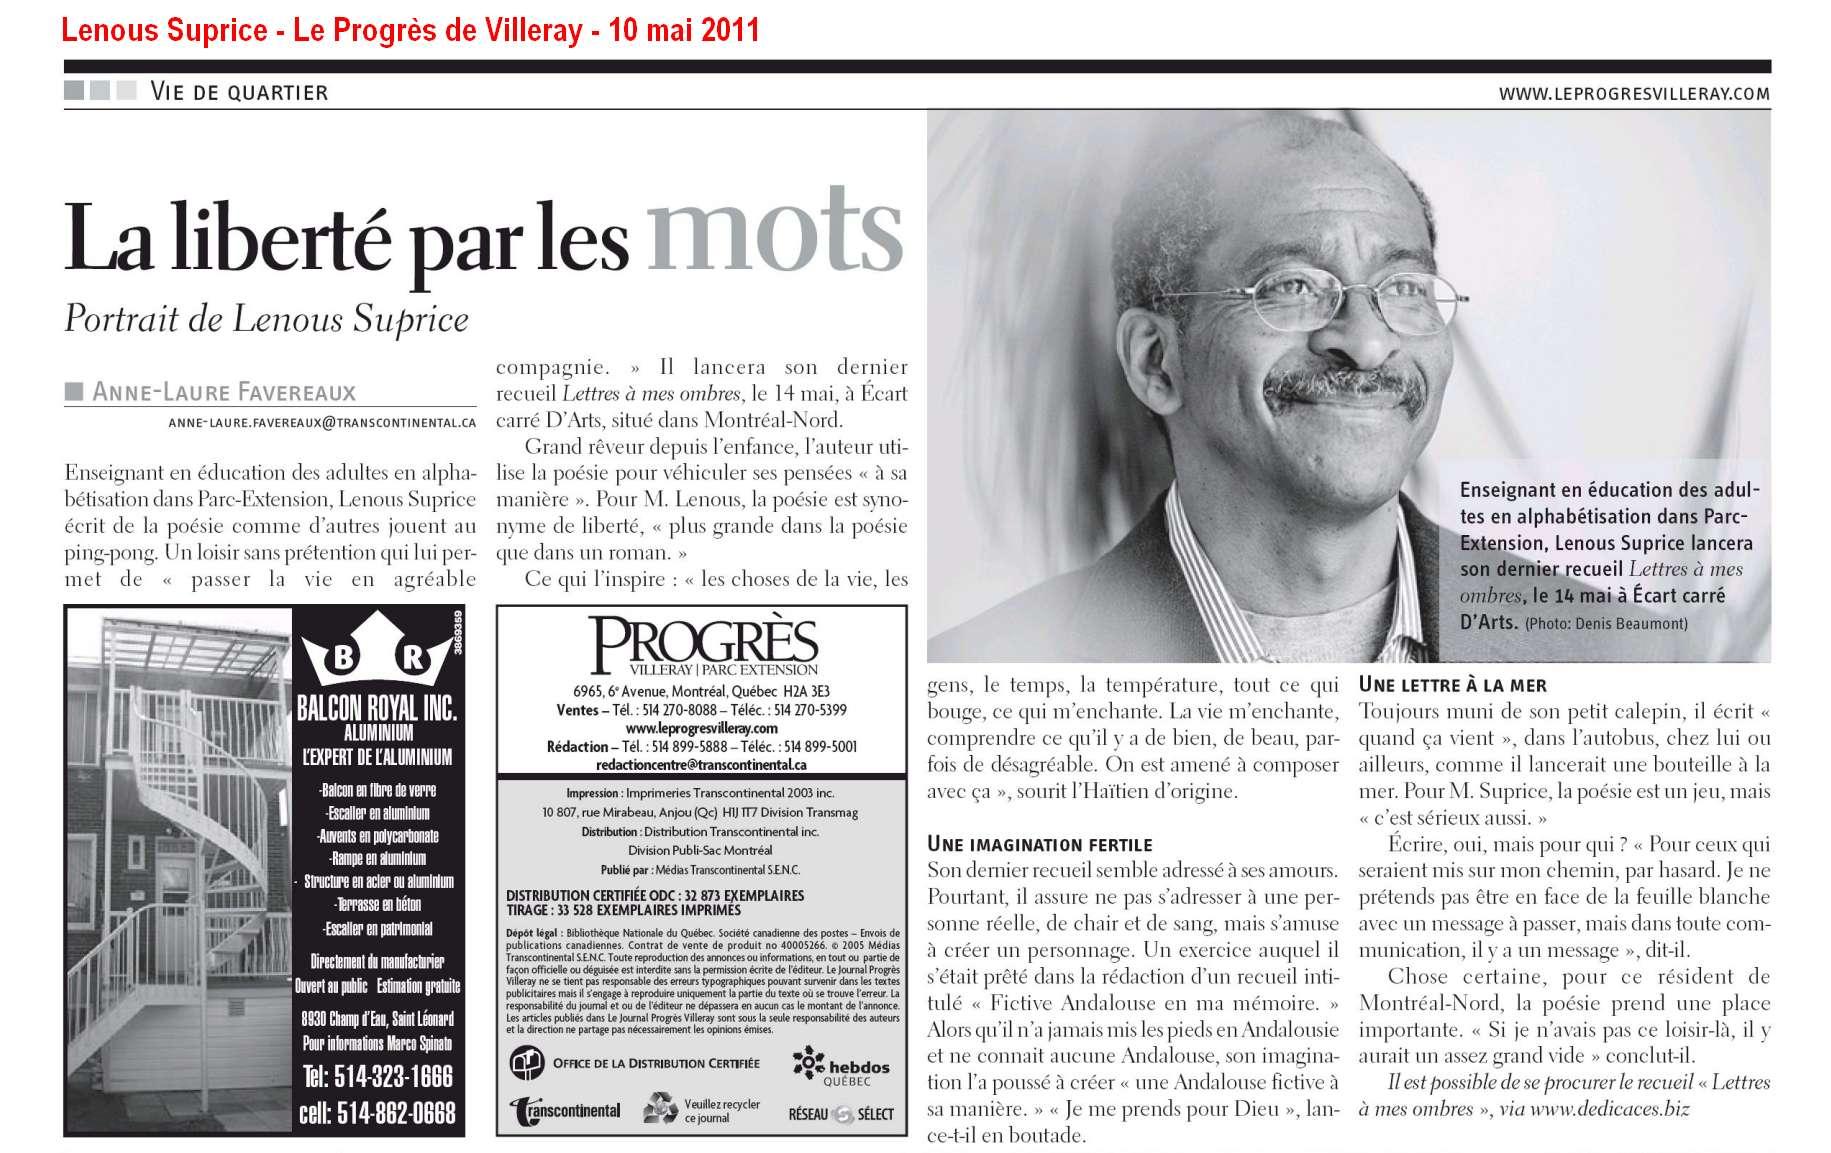 Lenous Suprice dans l'hebdomadaire « Le Progrès de Villeray » (10 mai 2011).